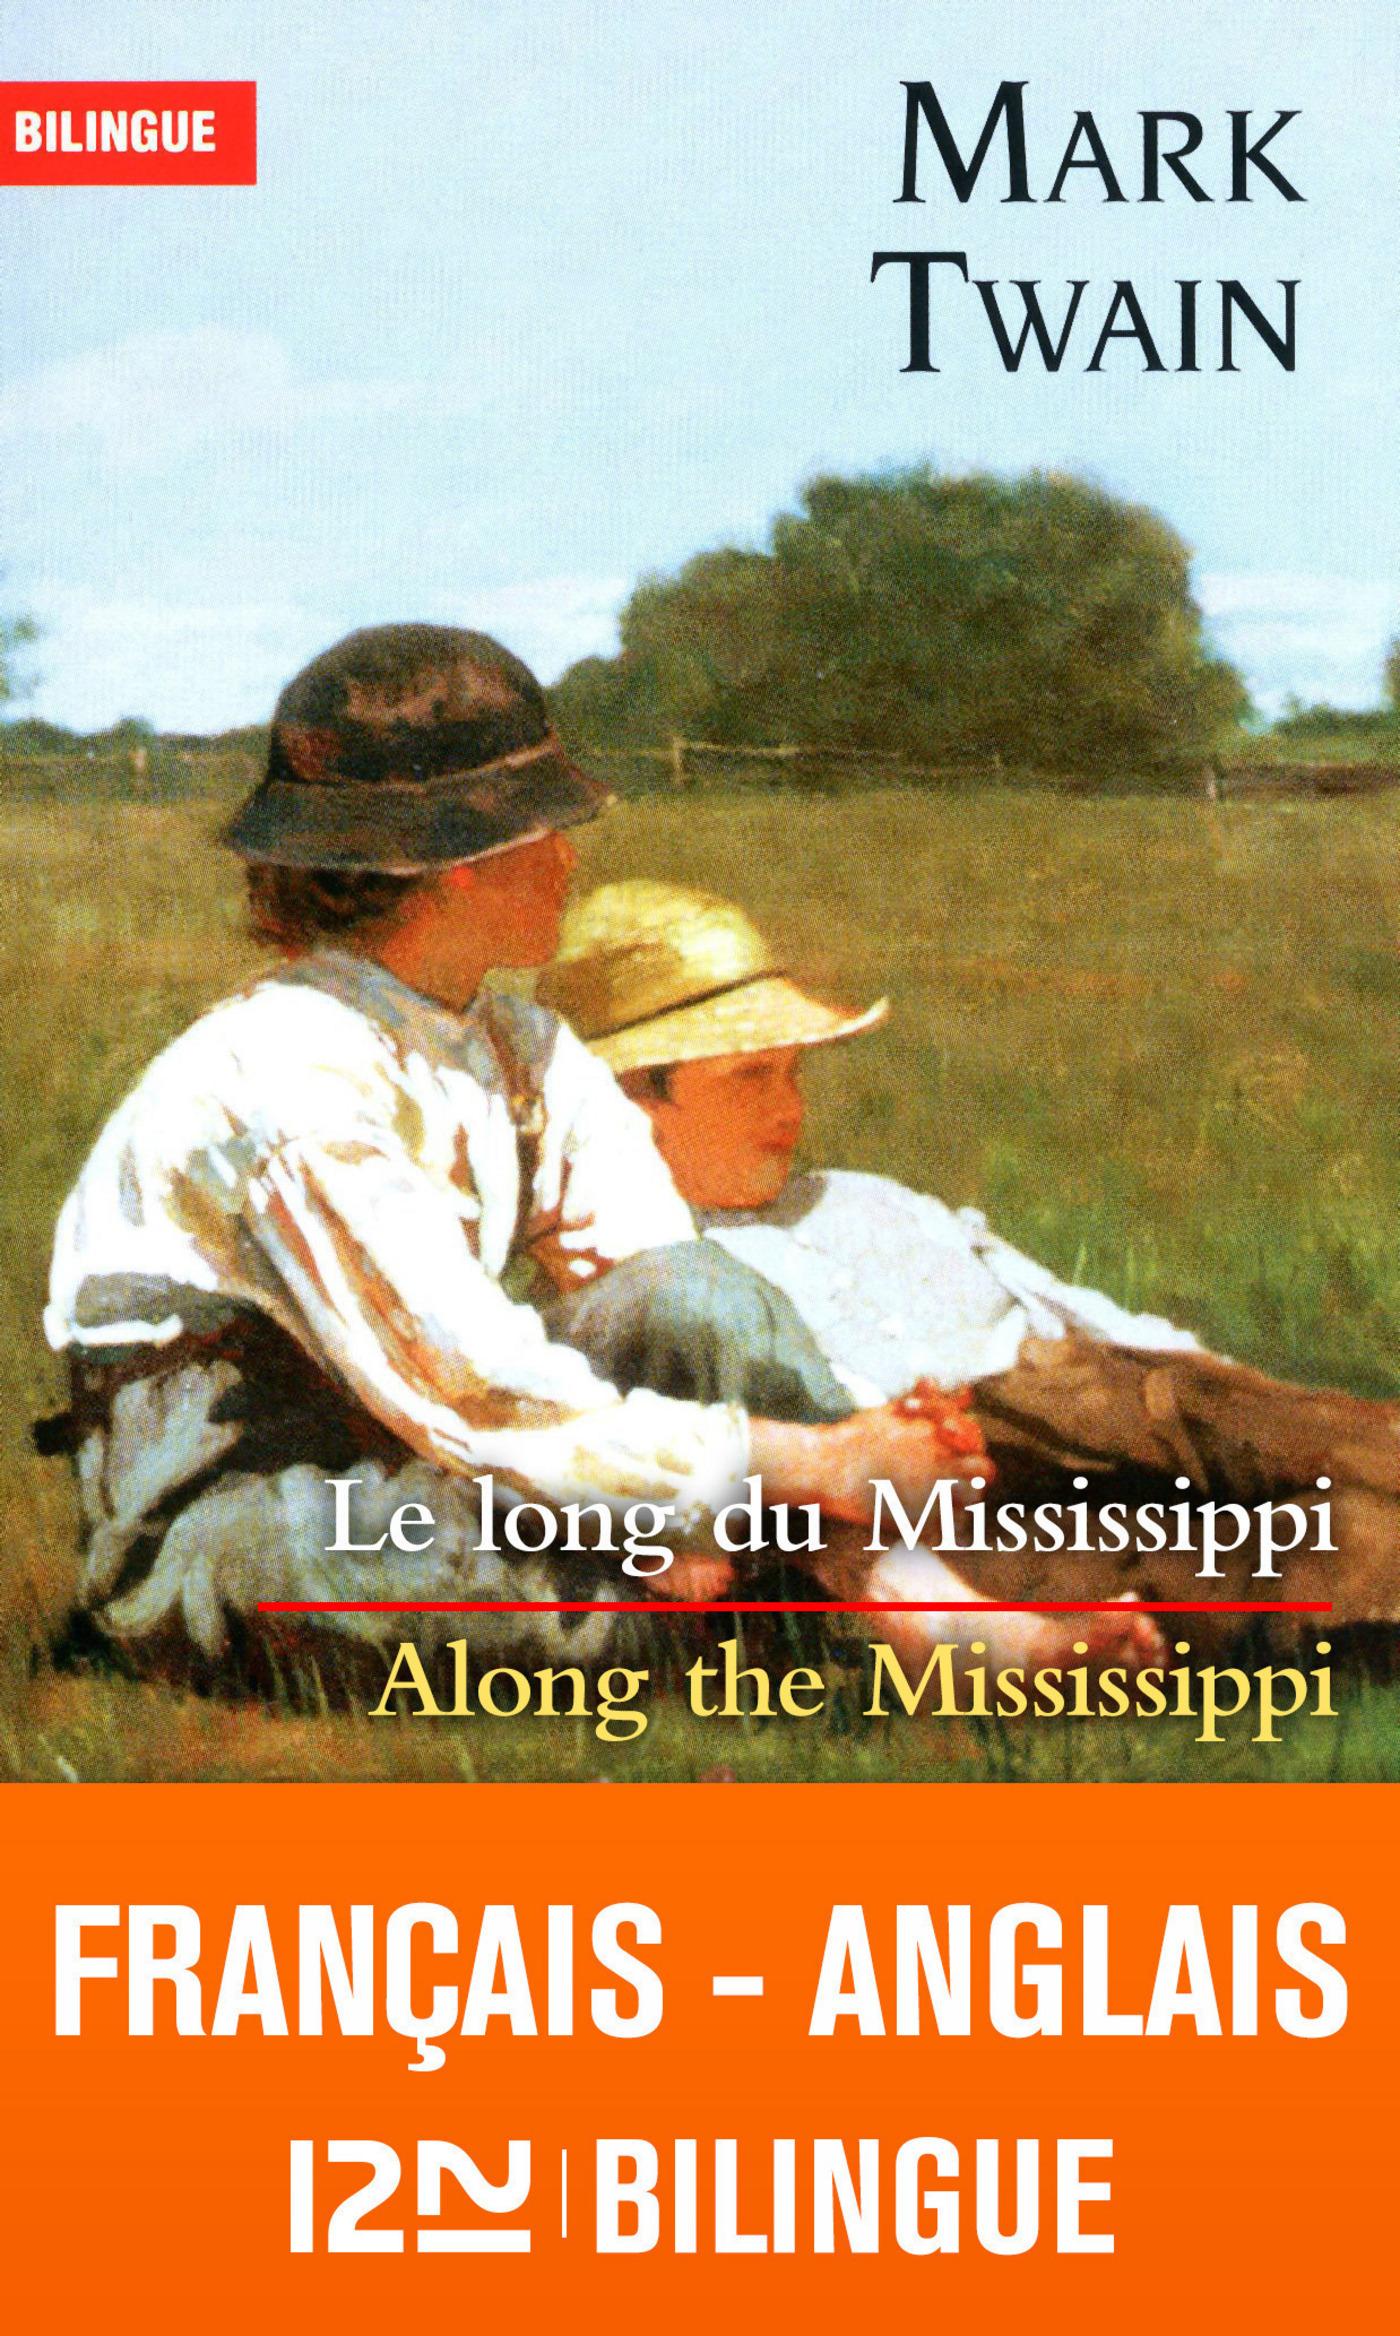 Le long du Mississippi